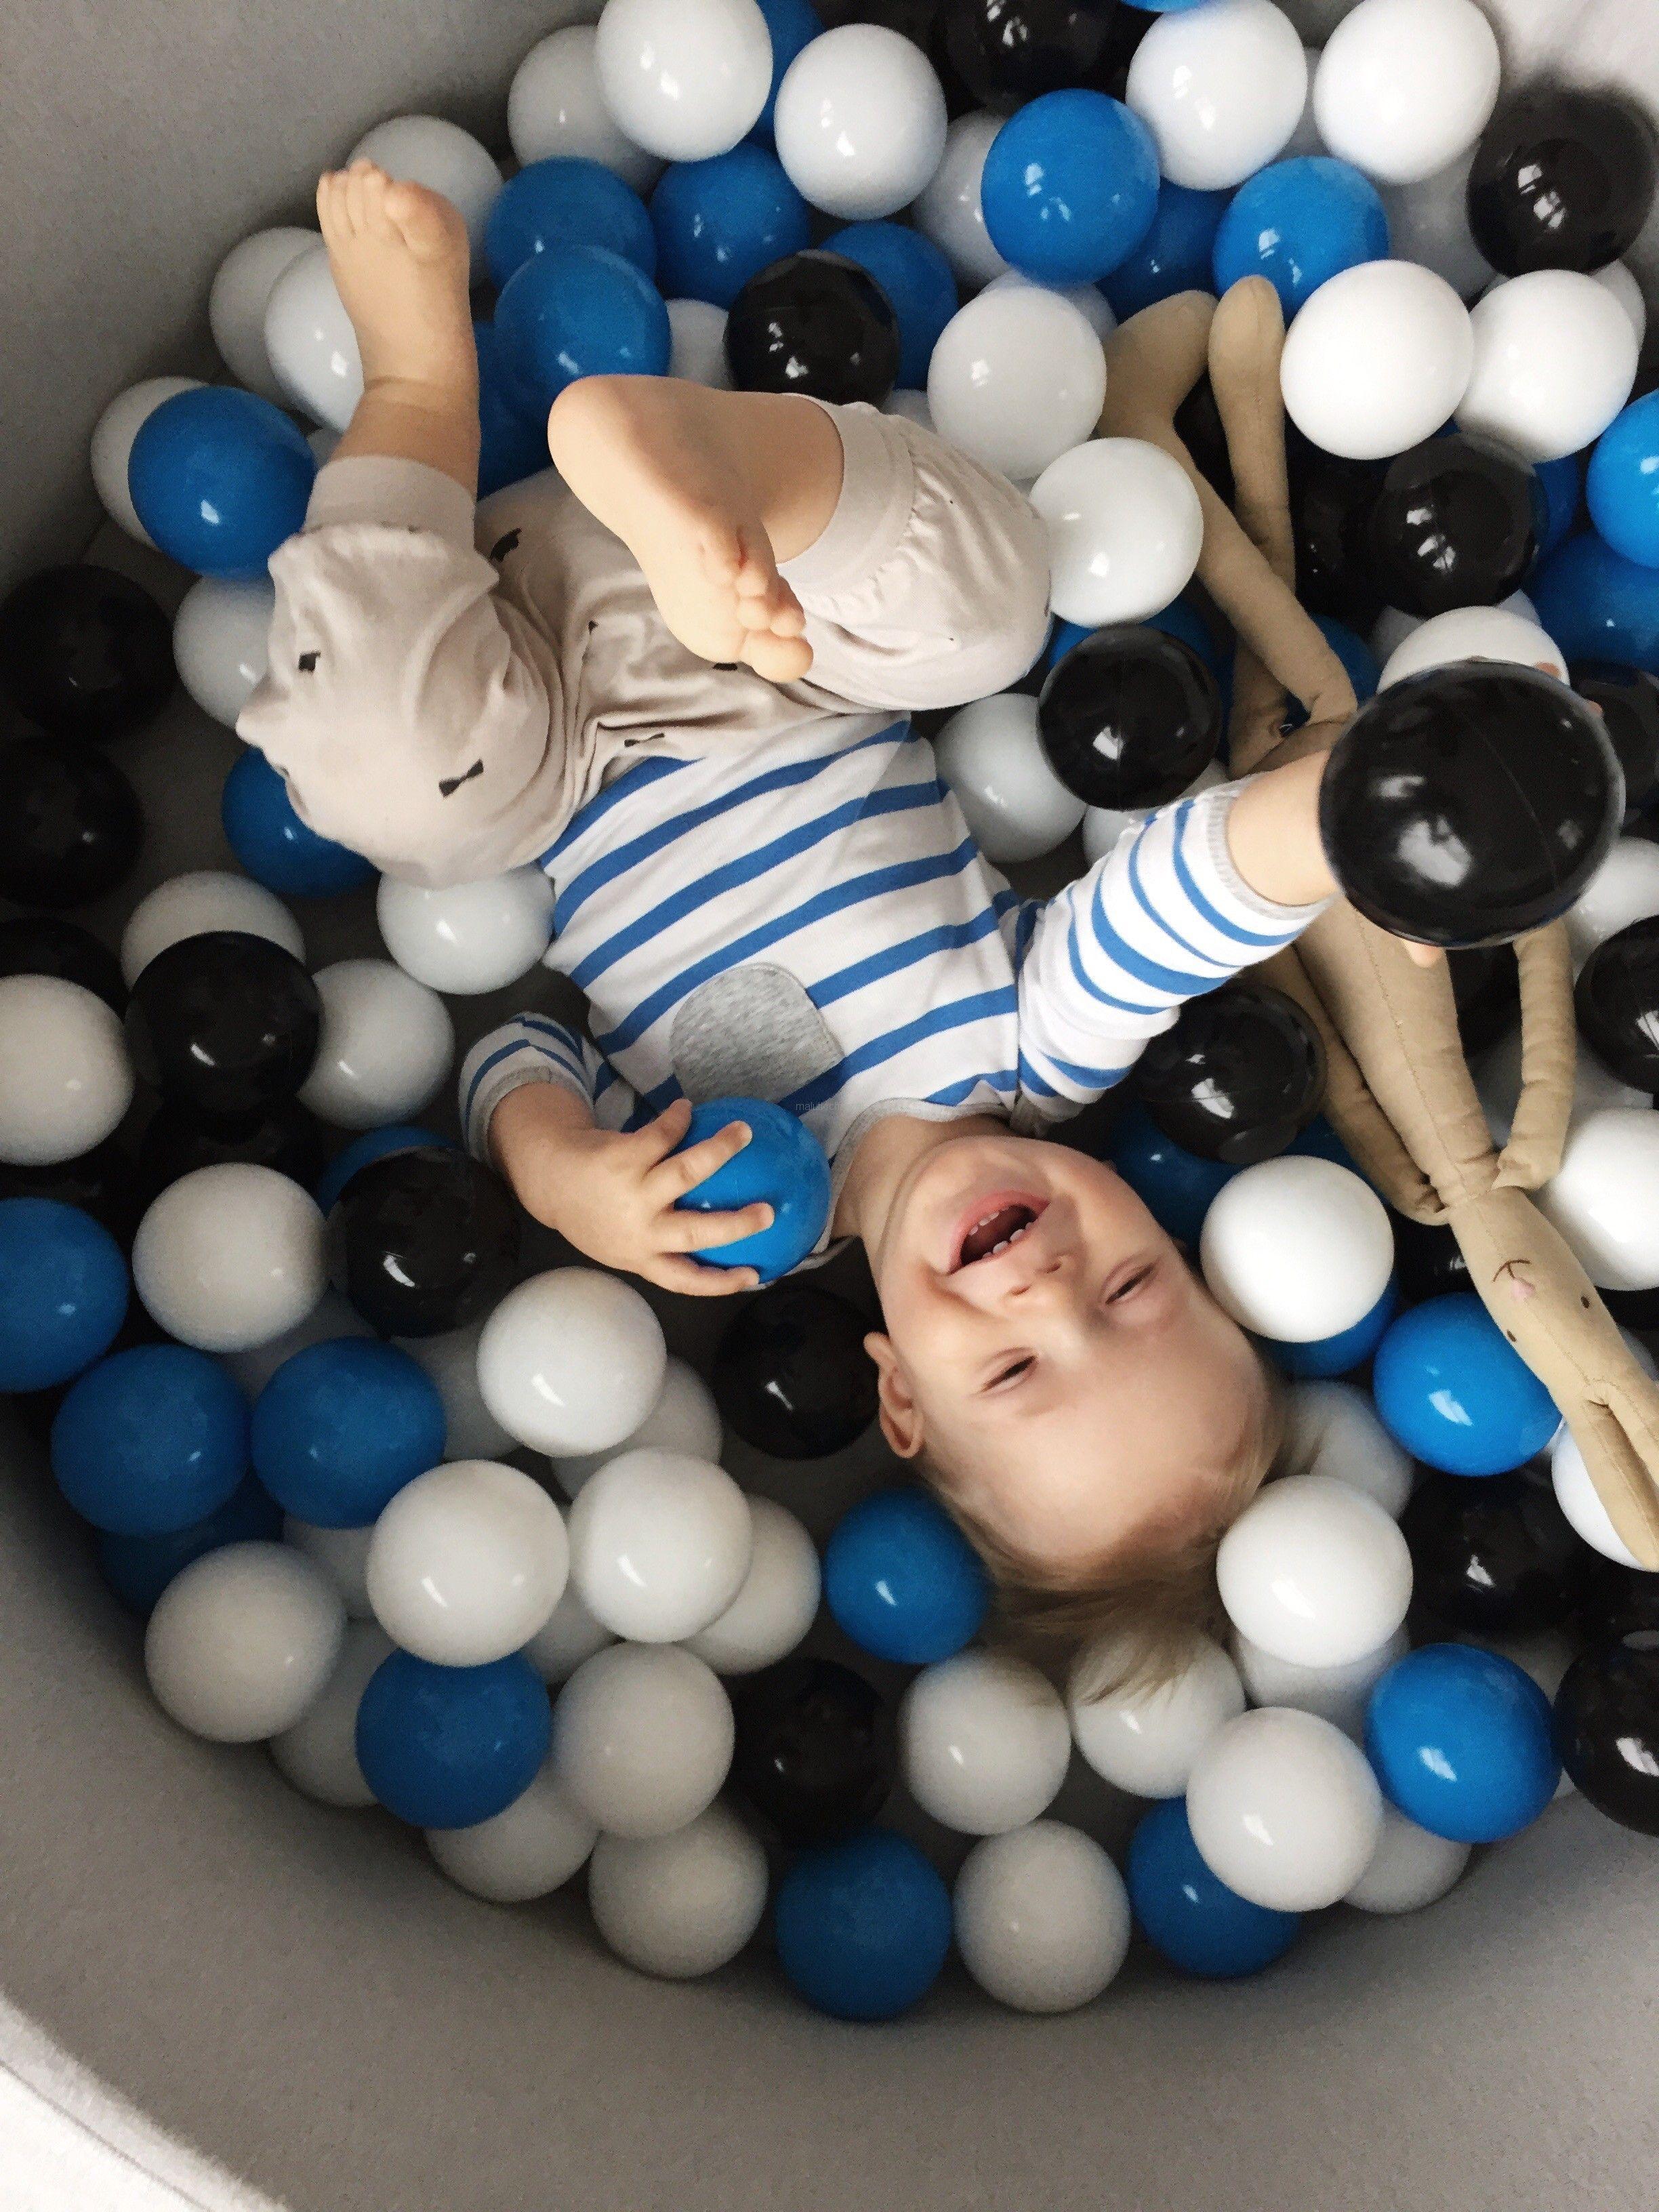 Minibe suchy basen z pi eczkami 150szt dla dzieci pinterest - Minibe piscina bolas ...